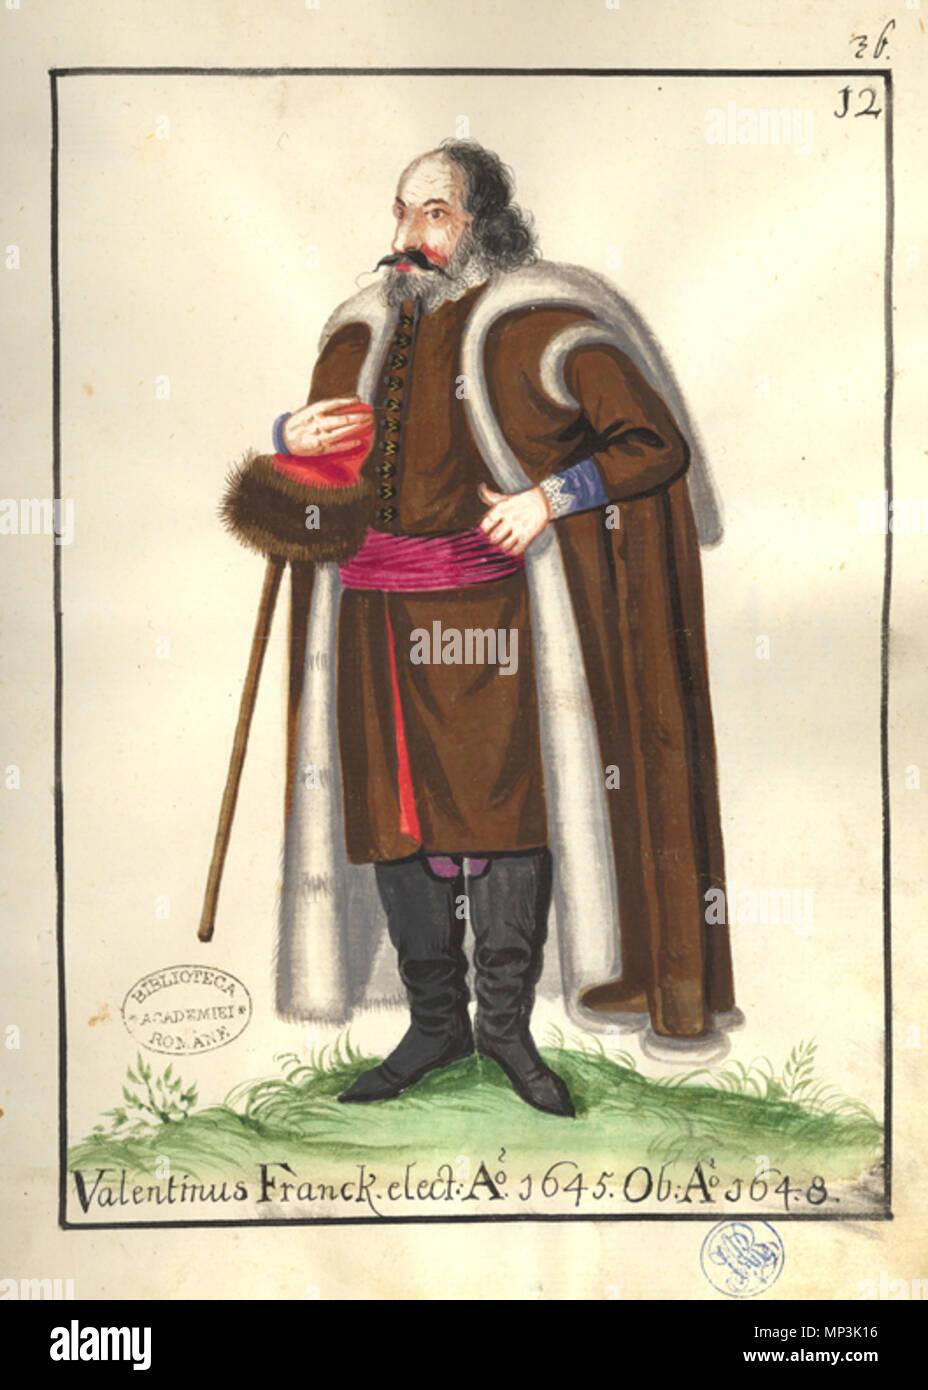 1202 Trachten-Kabinet von Siebenbürgen - Valentin Franck wählen, Ao. 1645. Ob ein. Ao. 1648 Stockbild